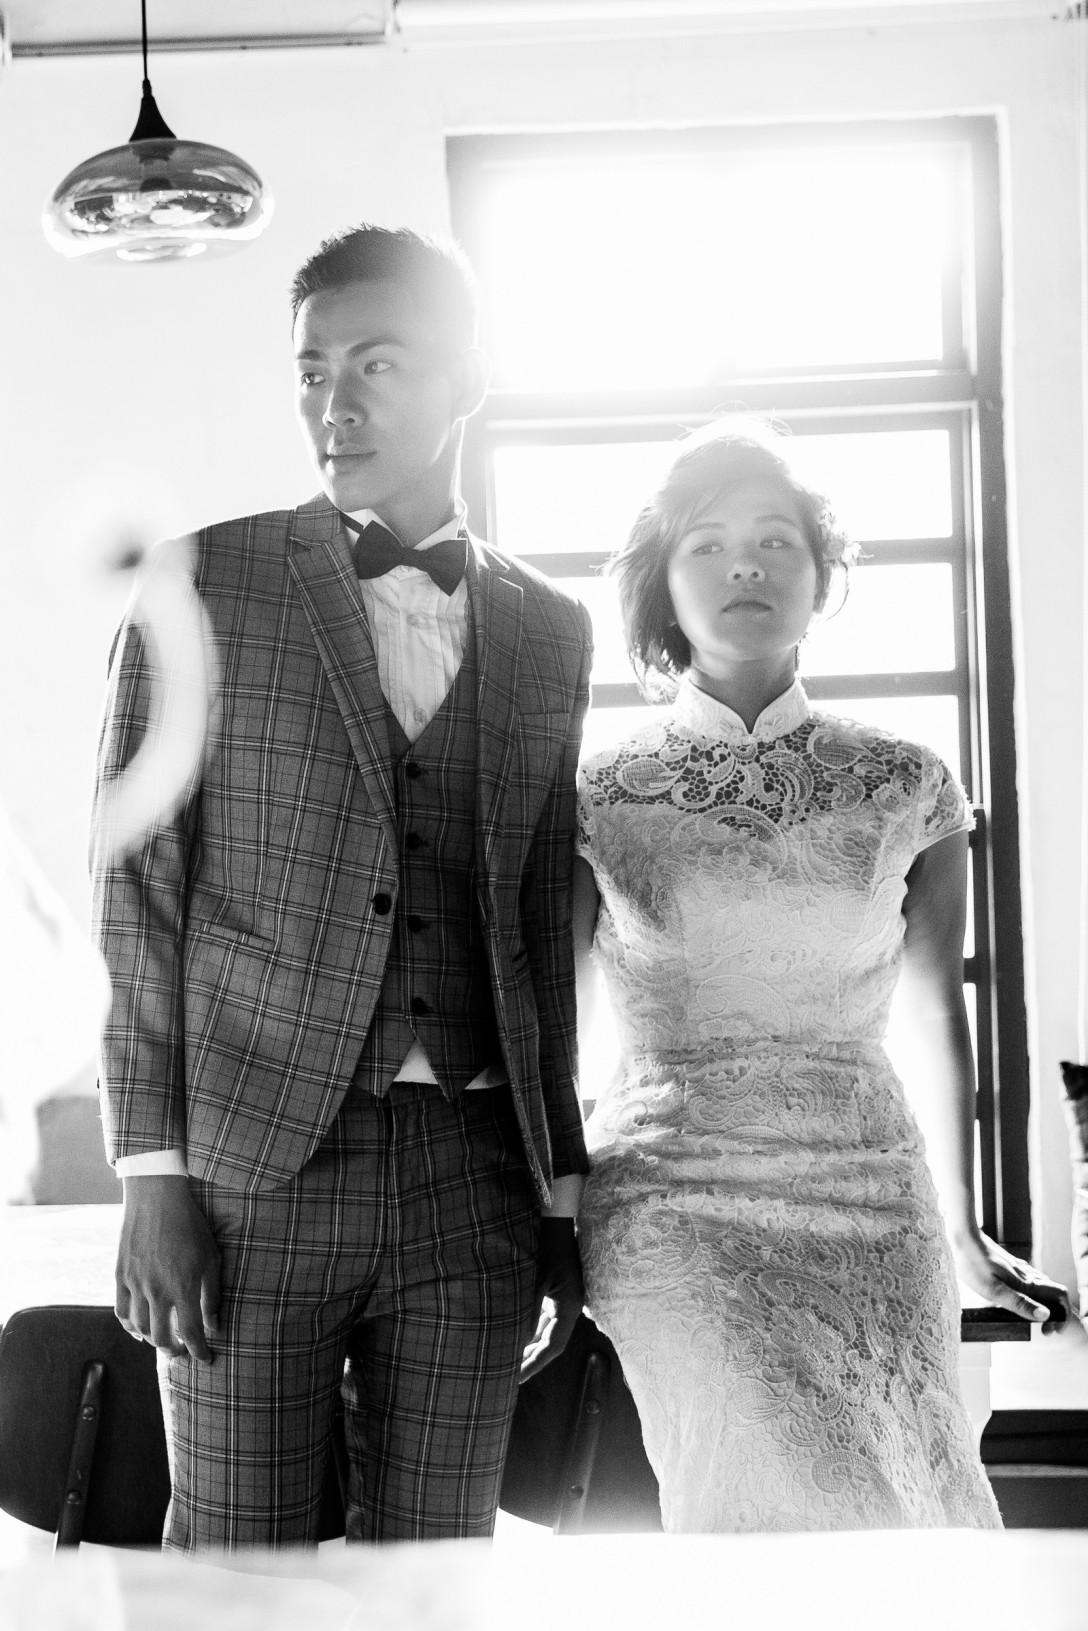 自助婚紗,自助婚紗推薦,自助婚紗風格,婚紗照